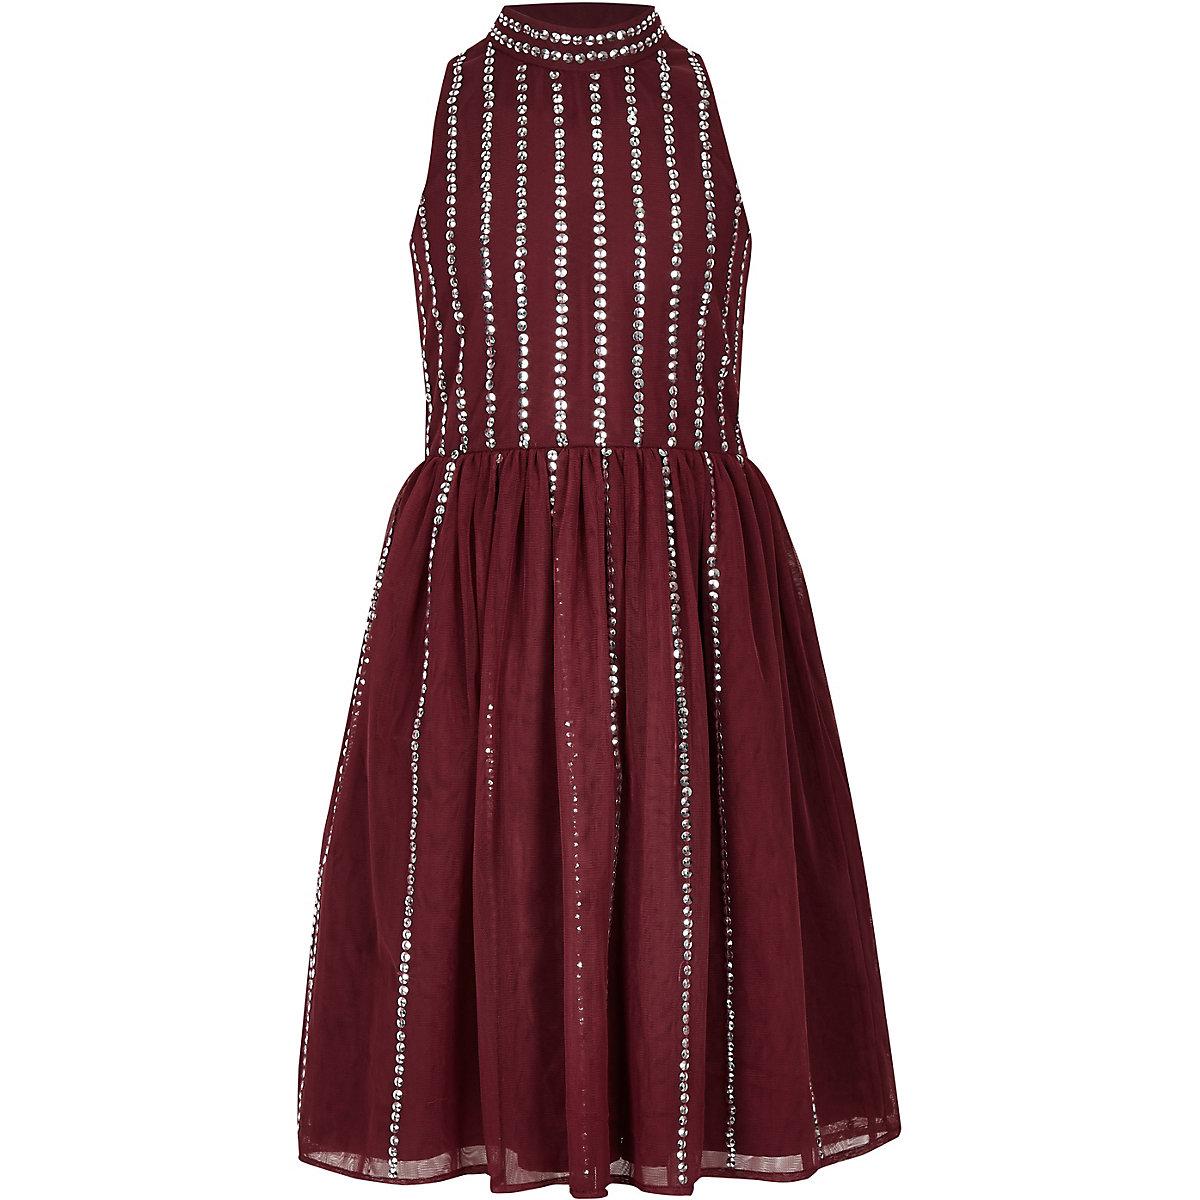 Girls dark red sequin embellished prom dress